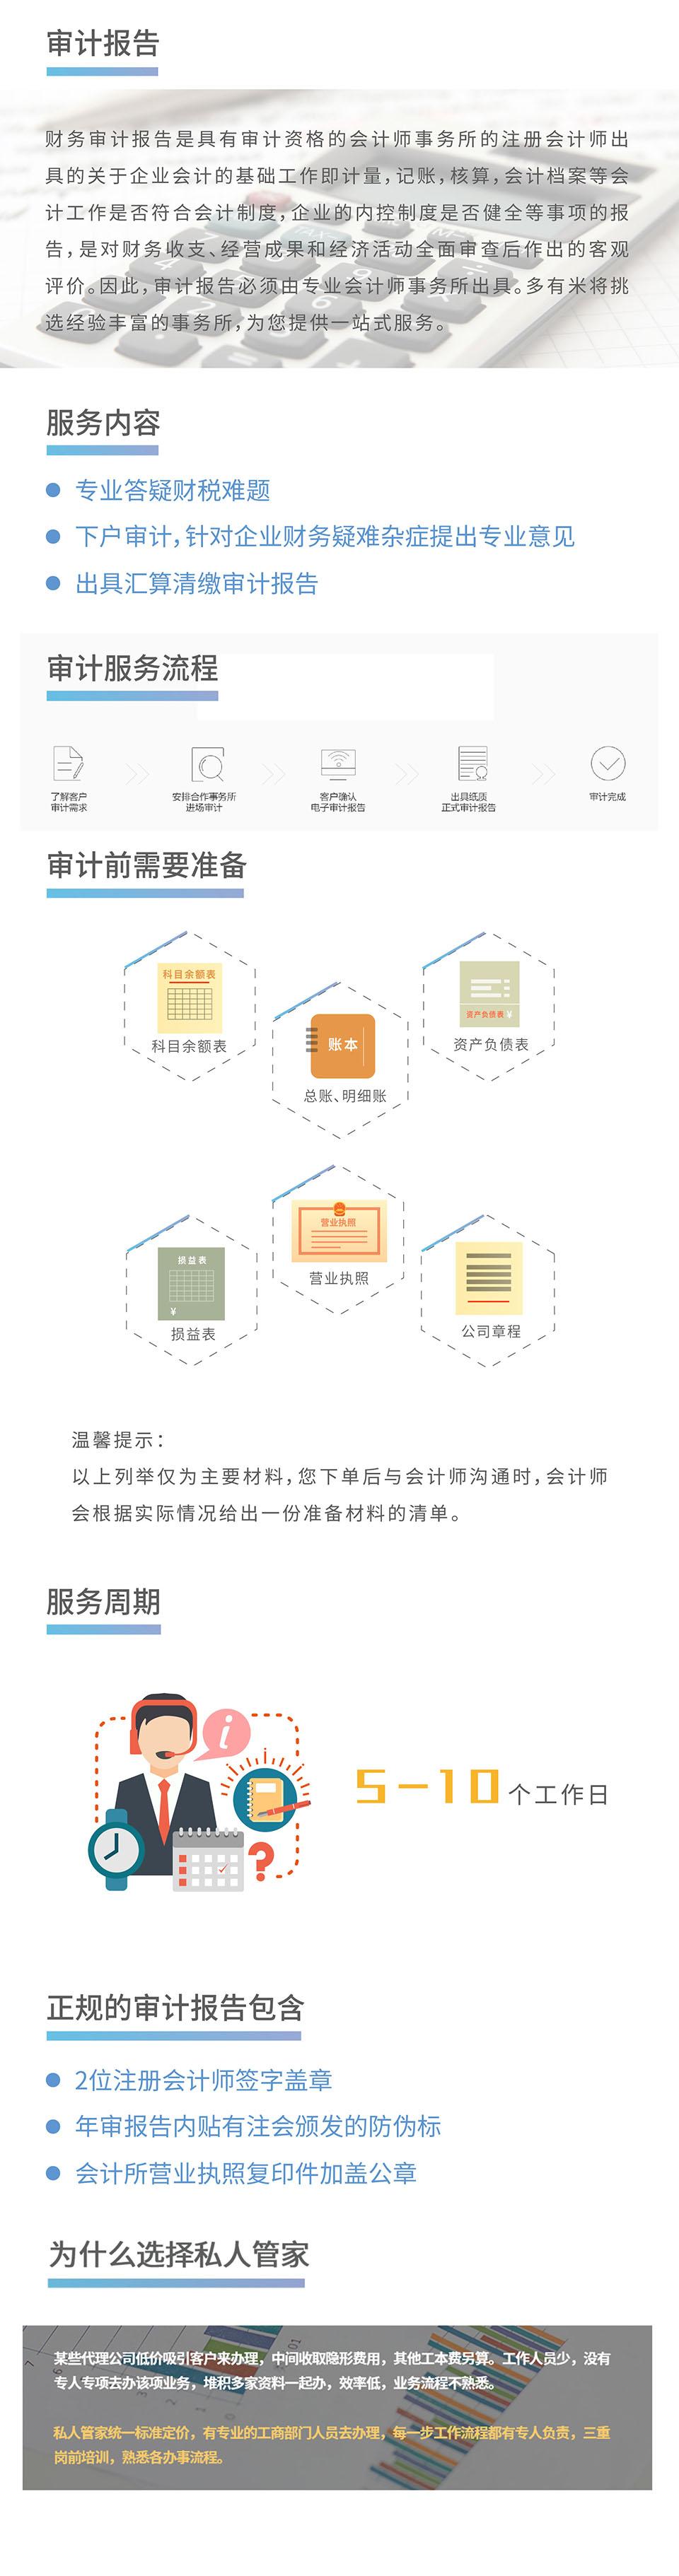 深圳审计报告